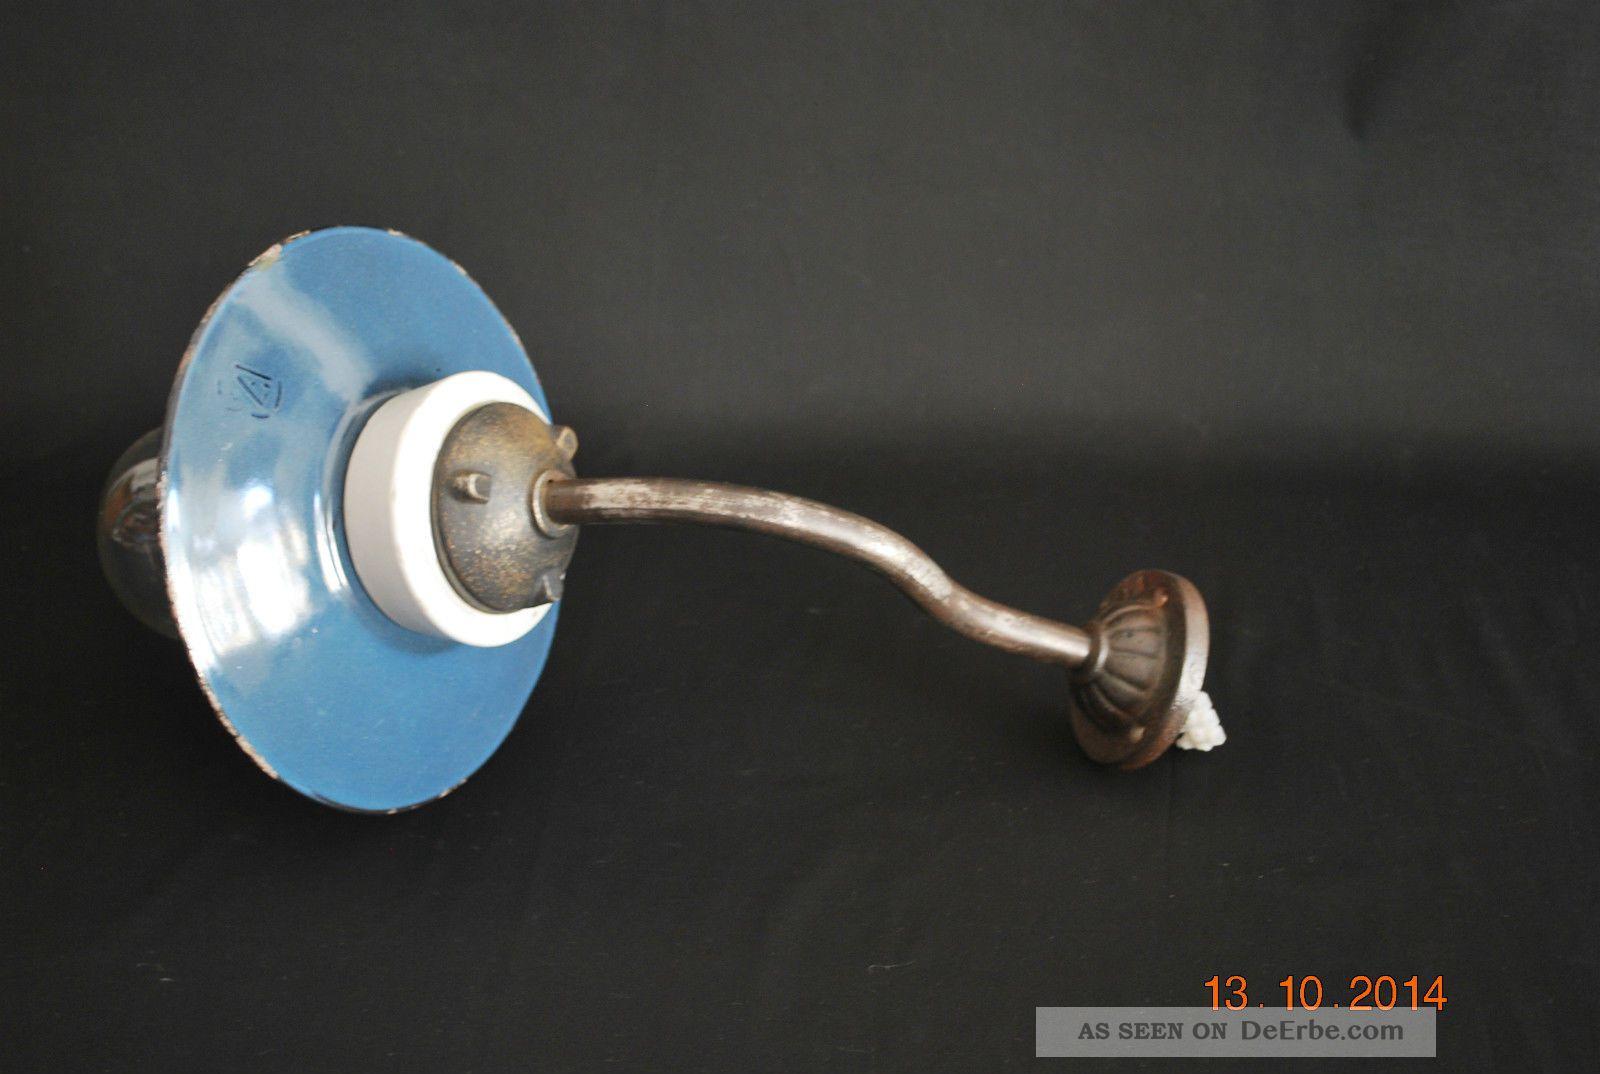 Alte Hoflampe,  Ausleger Emaille Gusseisen Porzellan In Kräftigem Blaugrau Original, vor 1960 gefertigt Bild